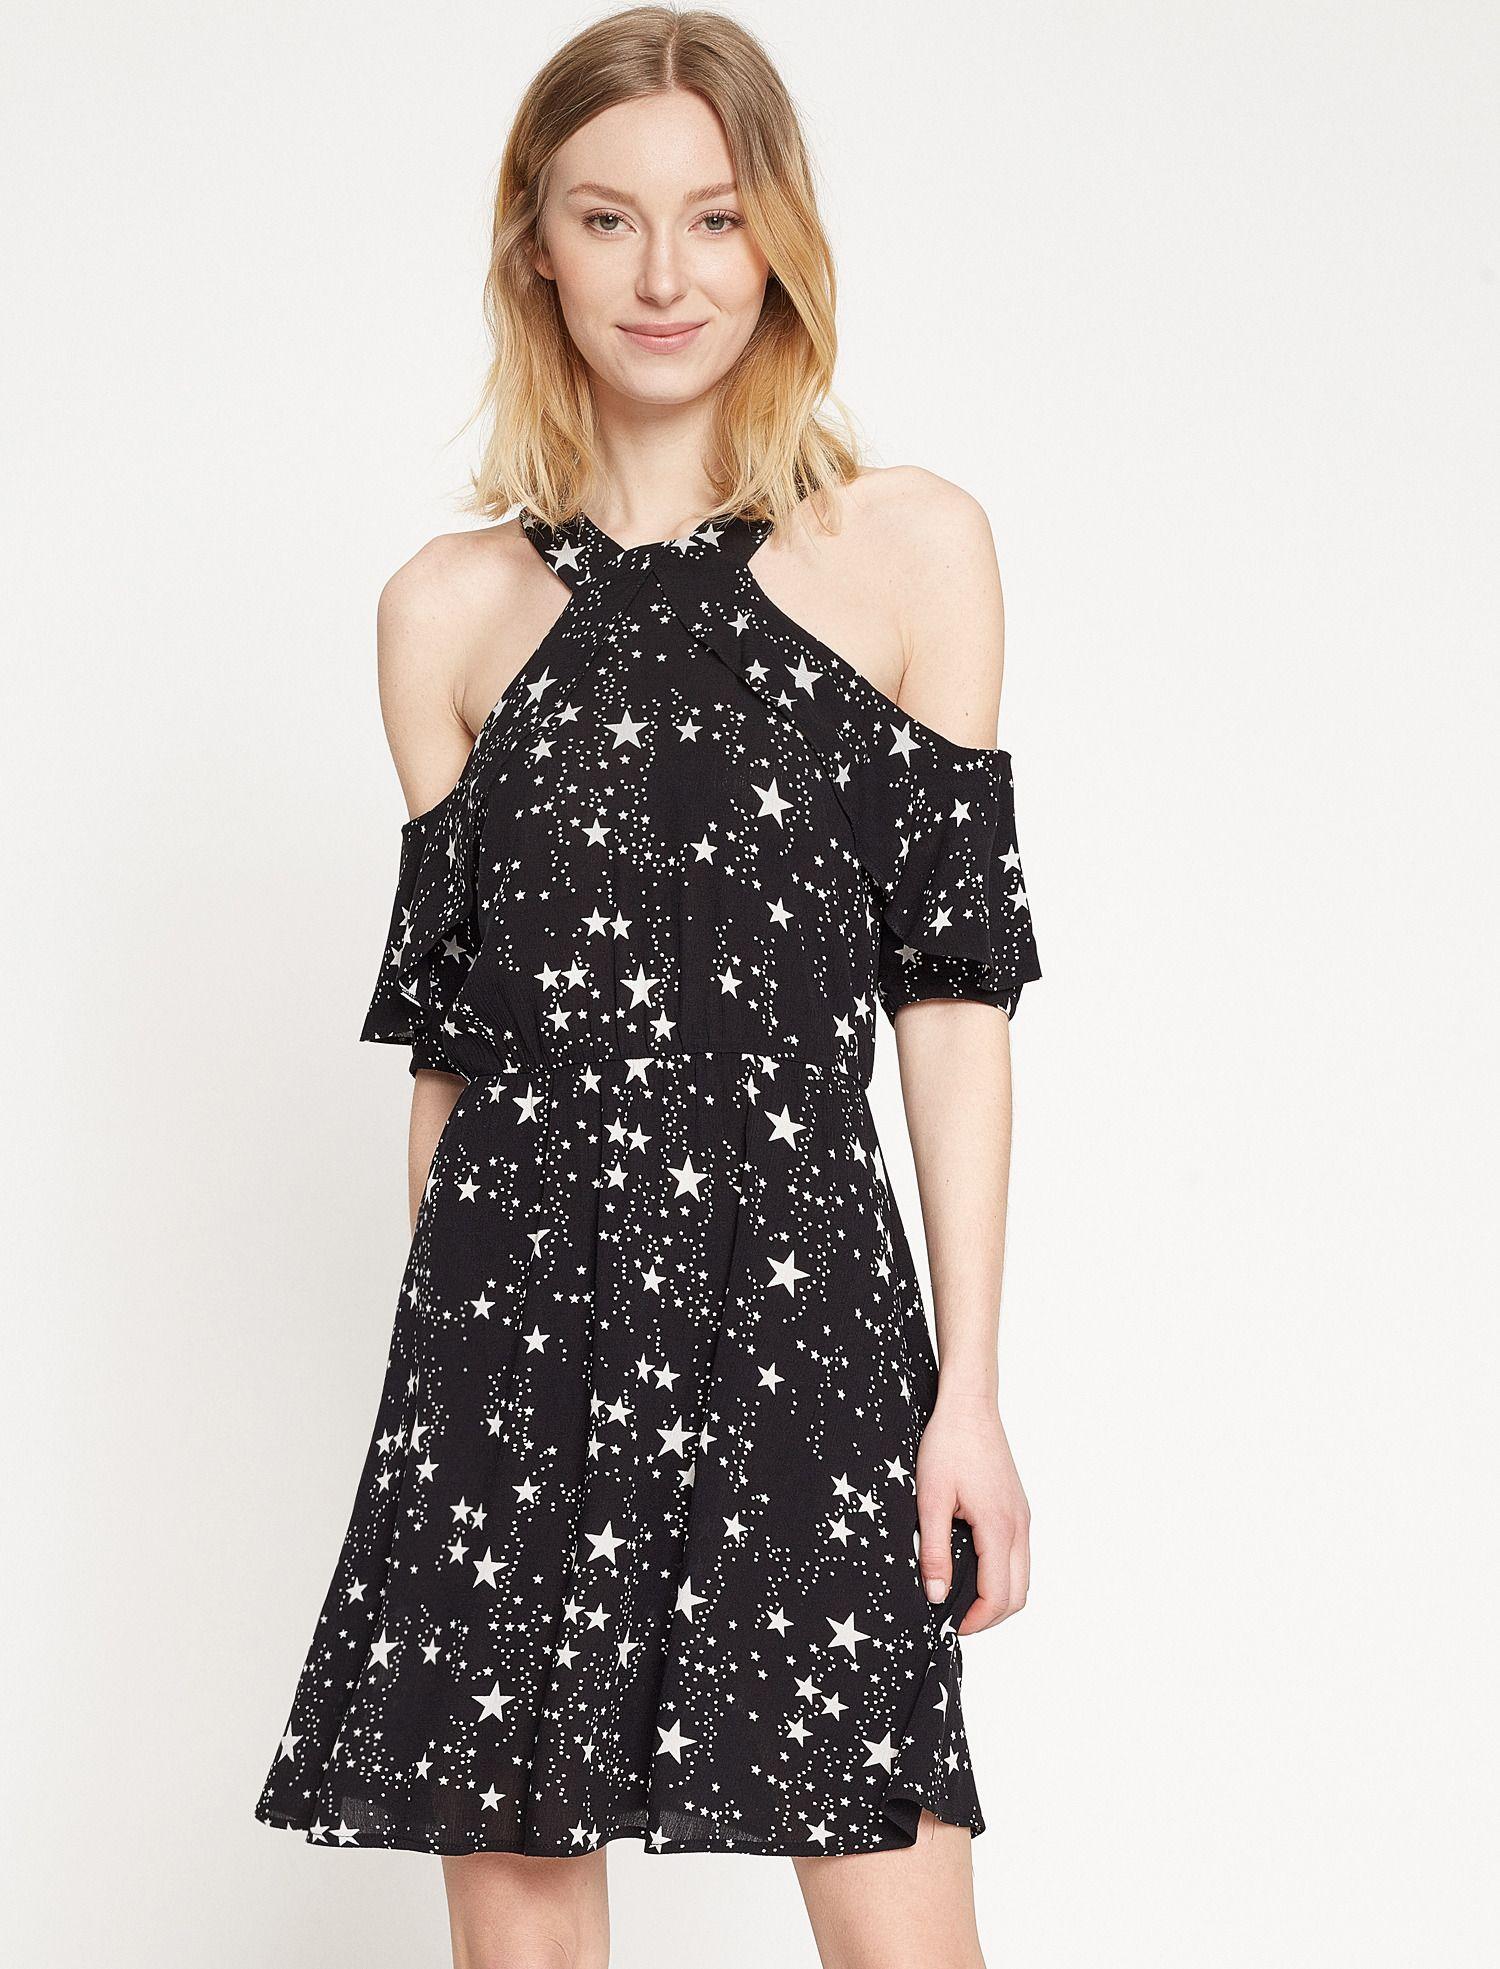 0e2182c9488d5 Koton - Koton Kadın Yıldız Desenli Elbise   Brand-Store KADIN ...